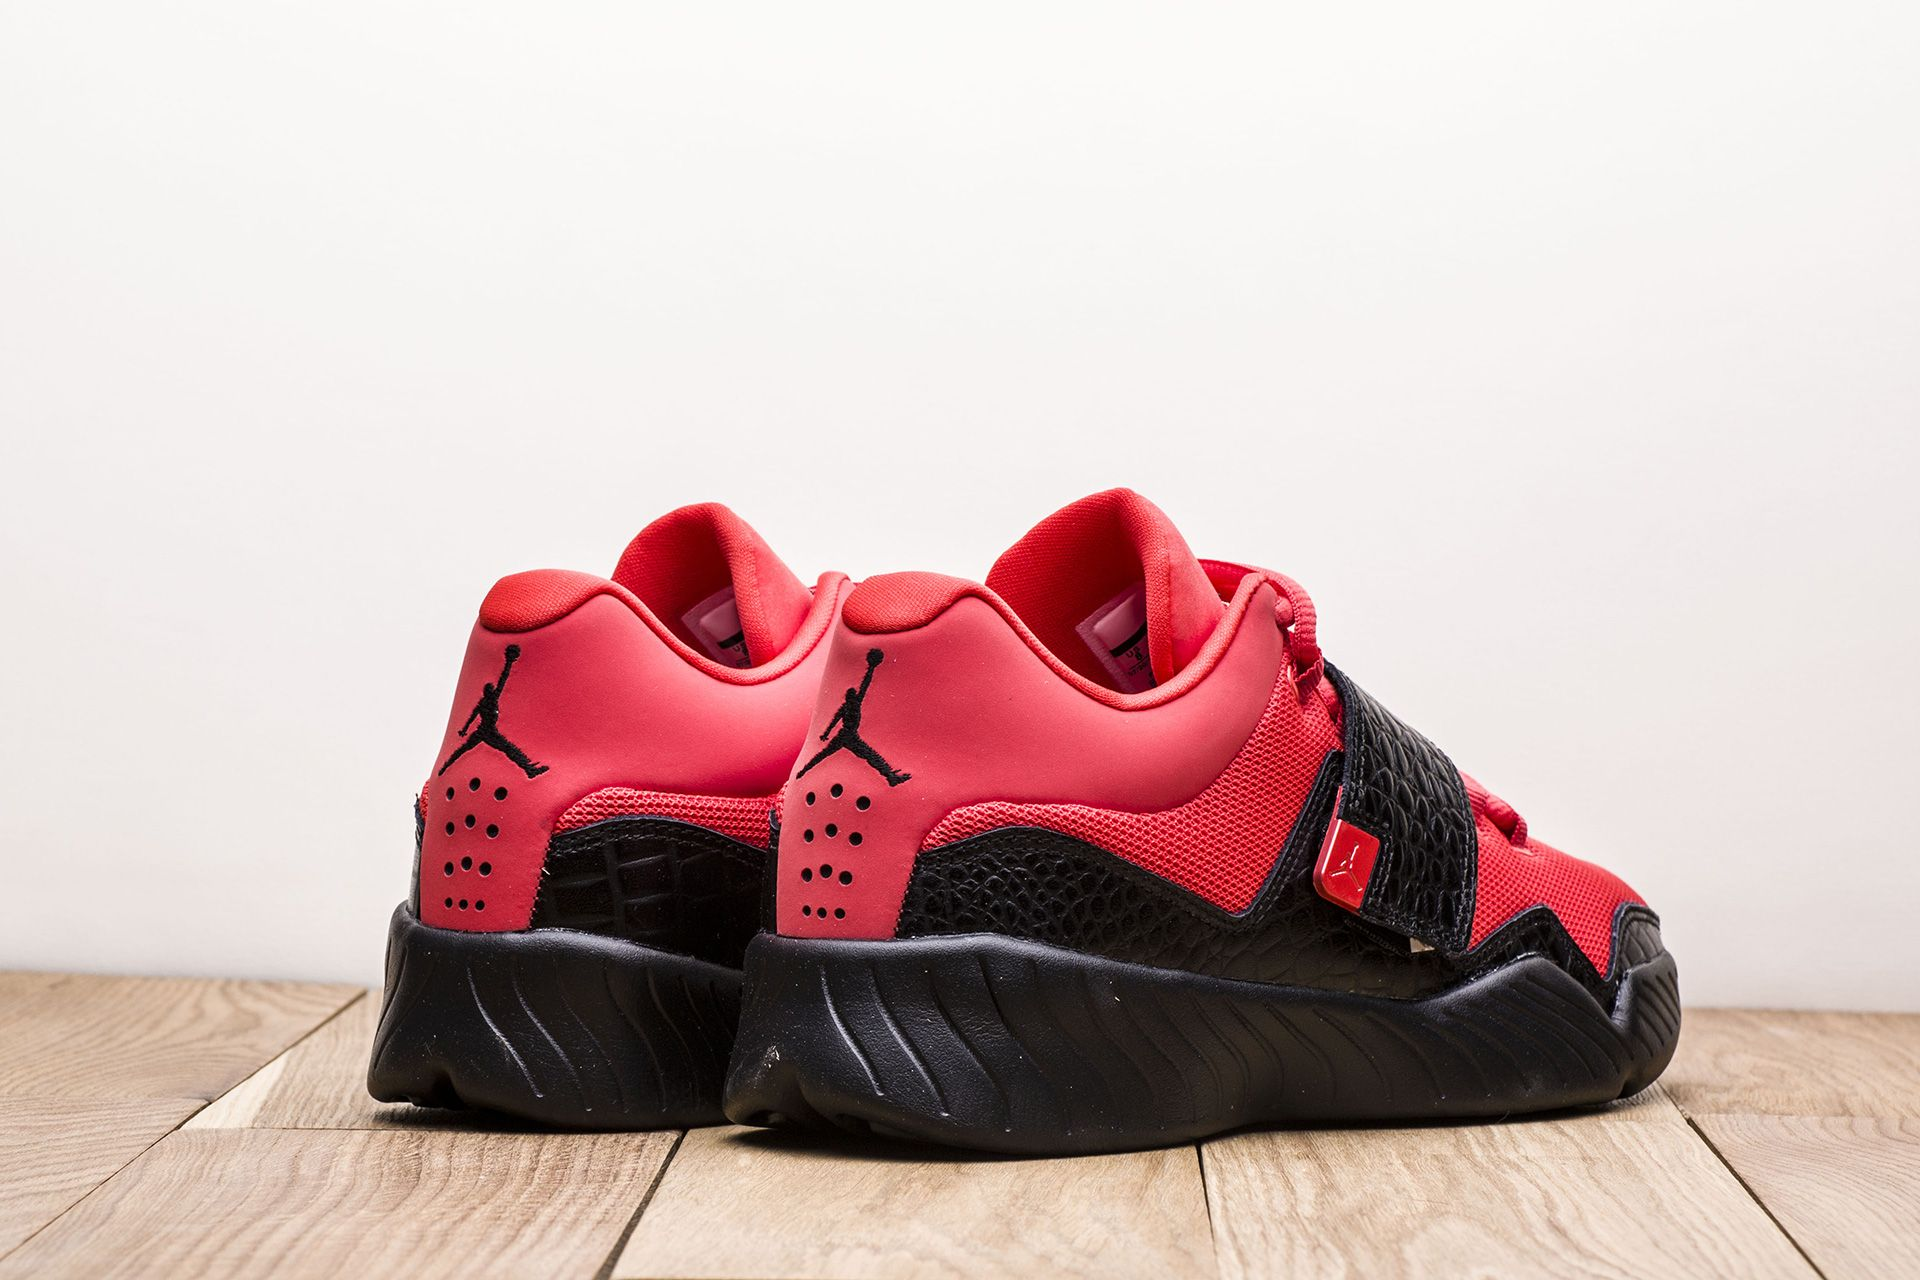 online retailer c7cbe f74ca ... Купить мужские красные кроссовки Jordan J23 - фото 2 картинки ...